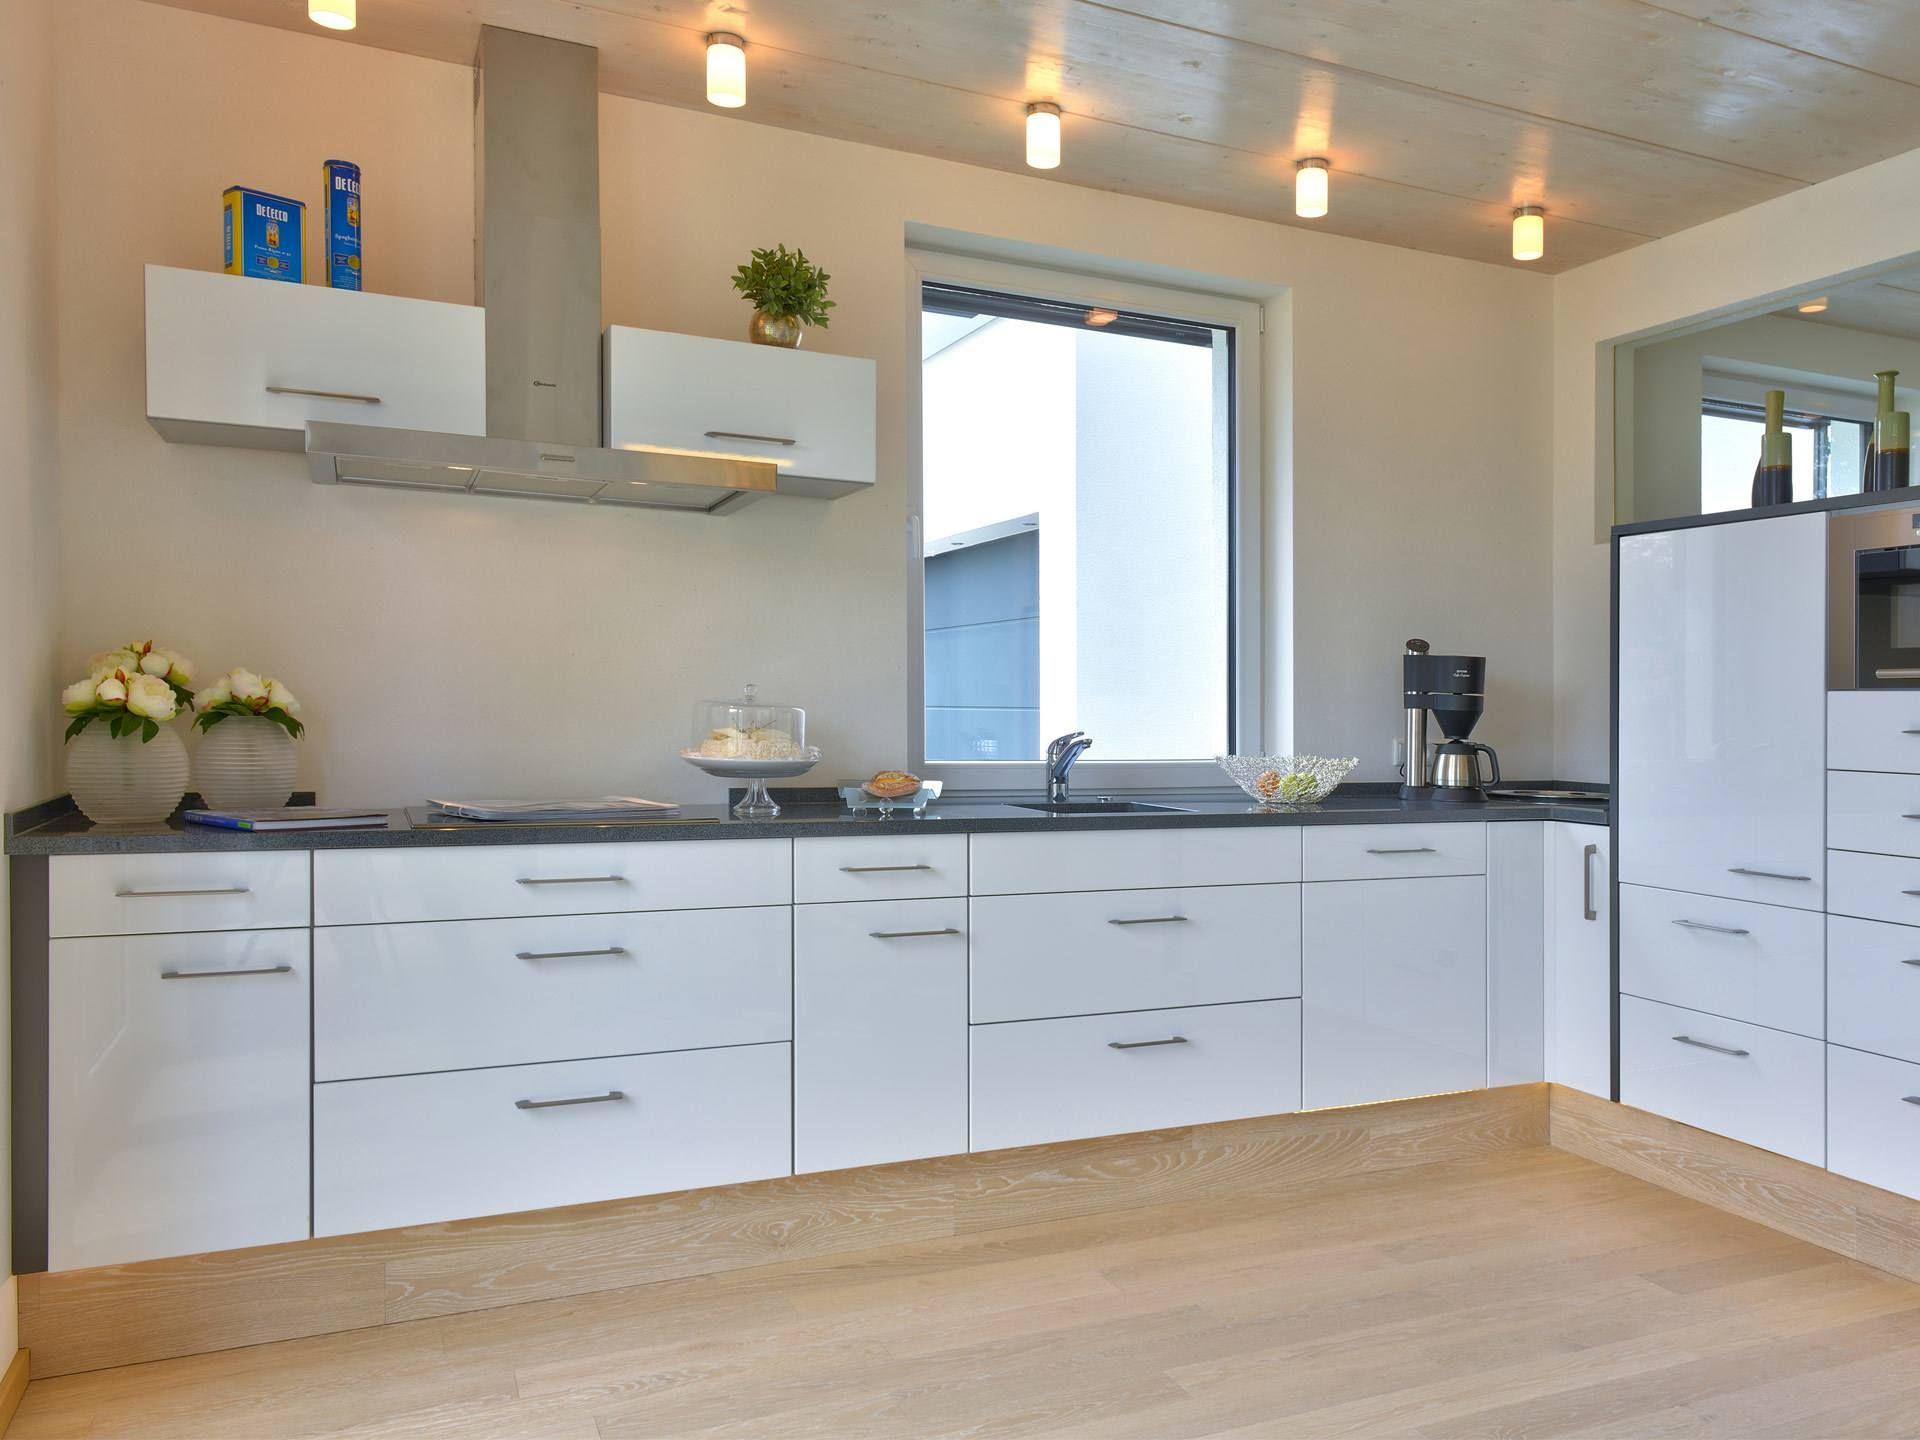 Kuche Im Musterhaus Wuppertal Von Partner Haus Mit Musterhaus Net